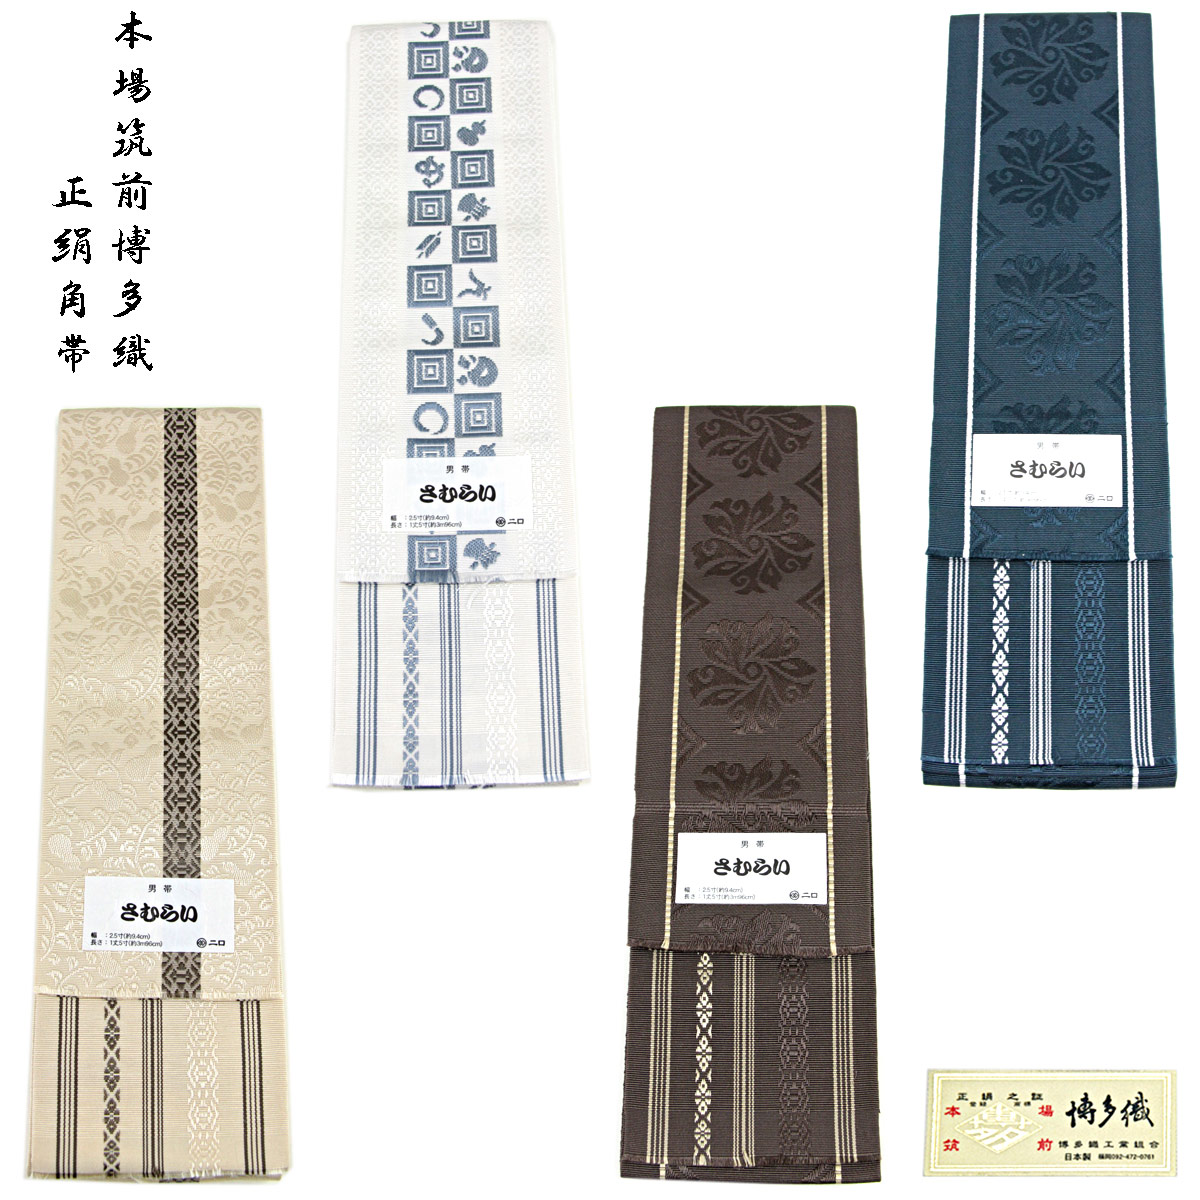 角帯 正絹 -19- 博多帯 さむらい 男帯 浴衣帯 絹100% 日本製